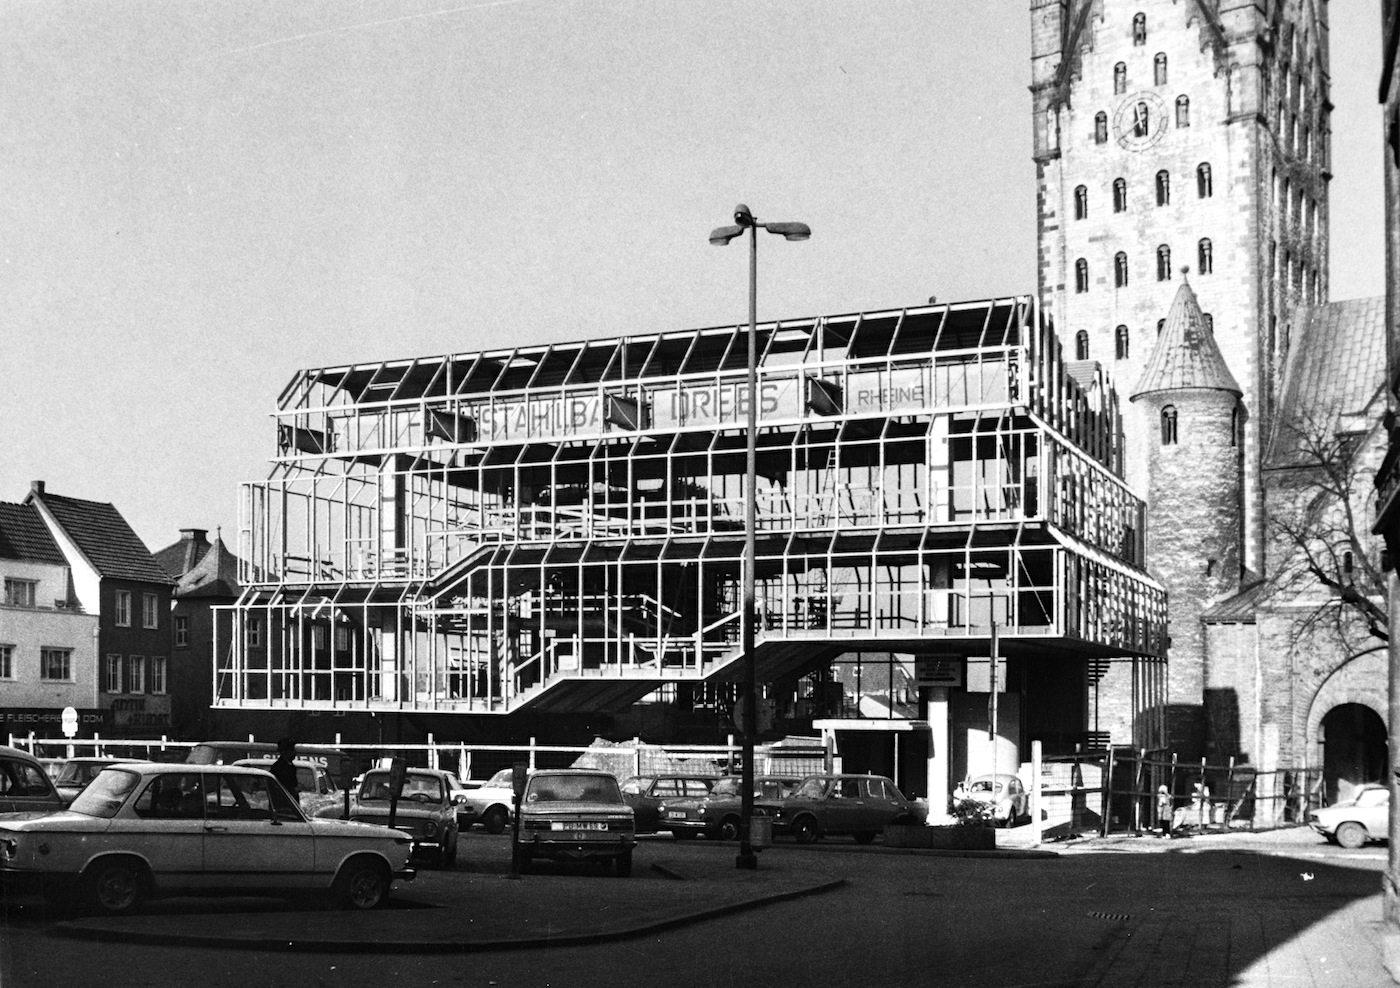 Der Rohbau.  Vor dem Zweiten Weltkrieg drängten sich Fachwerkhäuser und das Haus Thiel am Marktplatz. Hier entstand nun der Museumsneubau von Gottfried Böhm.